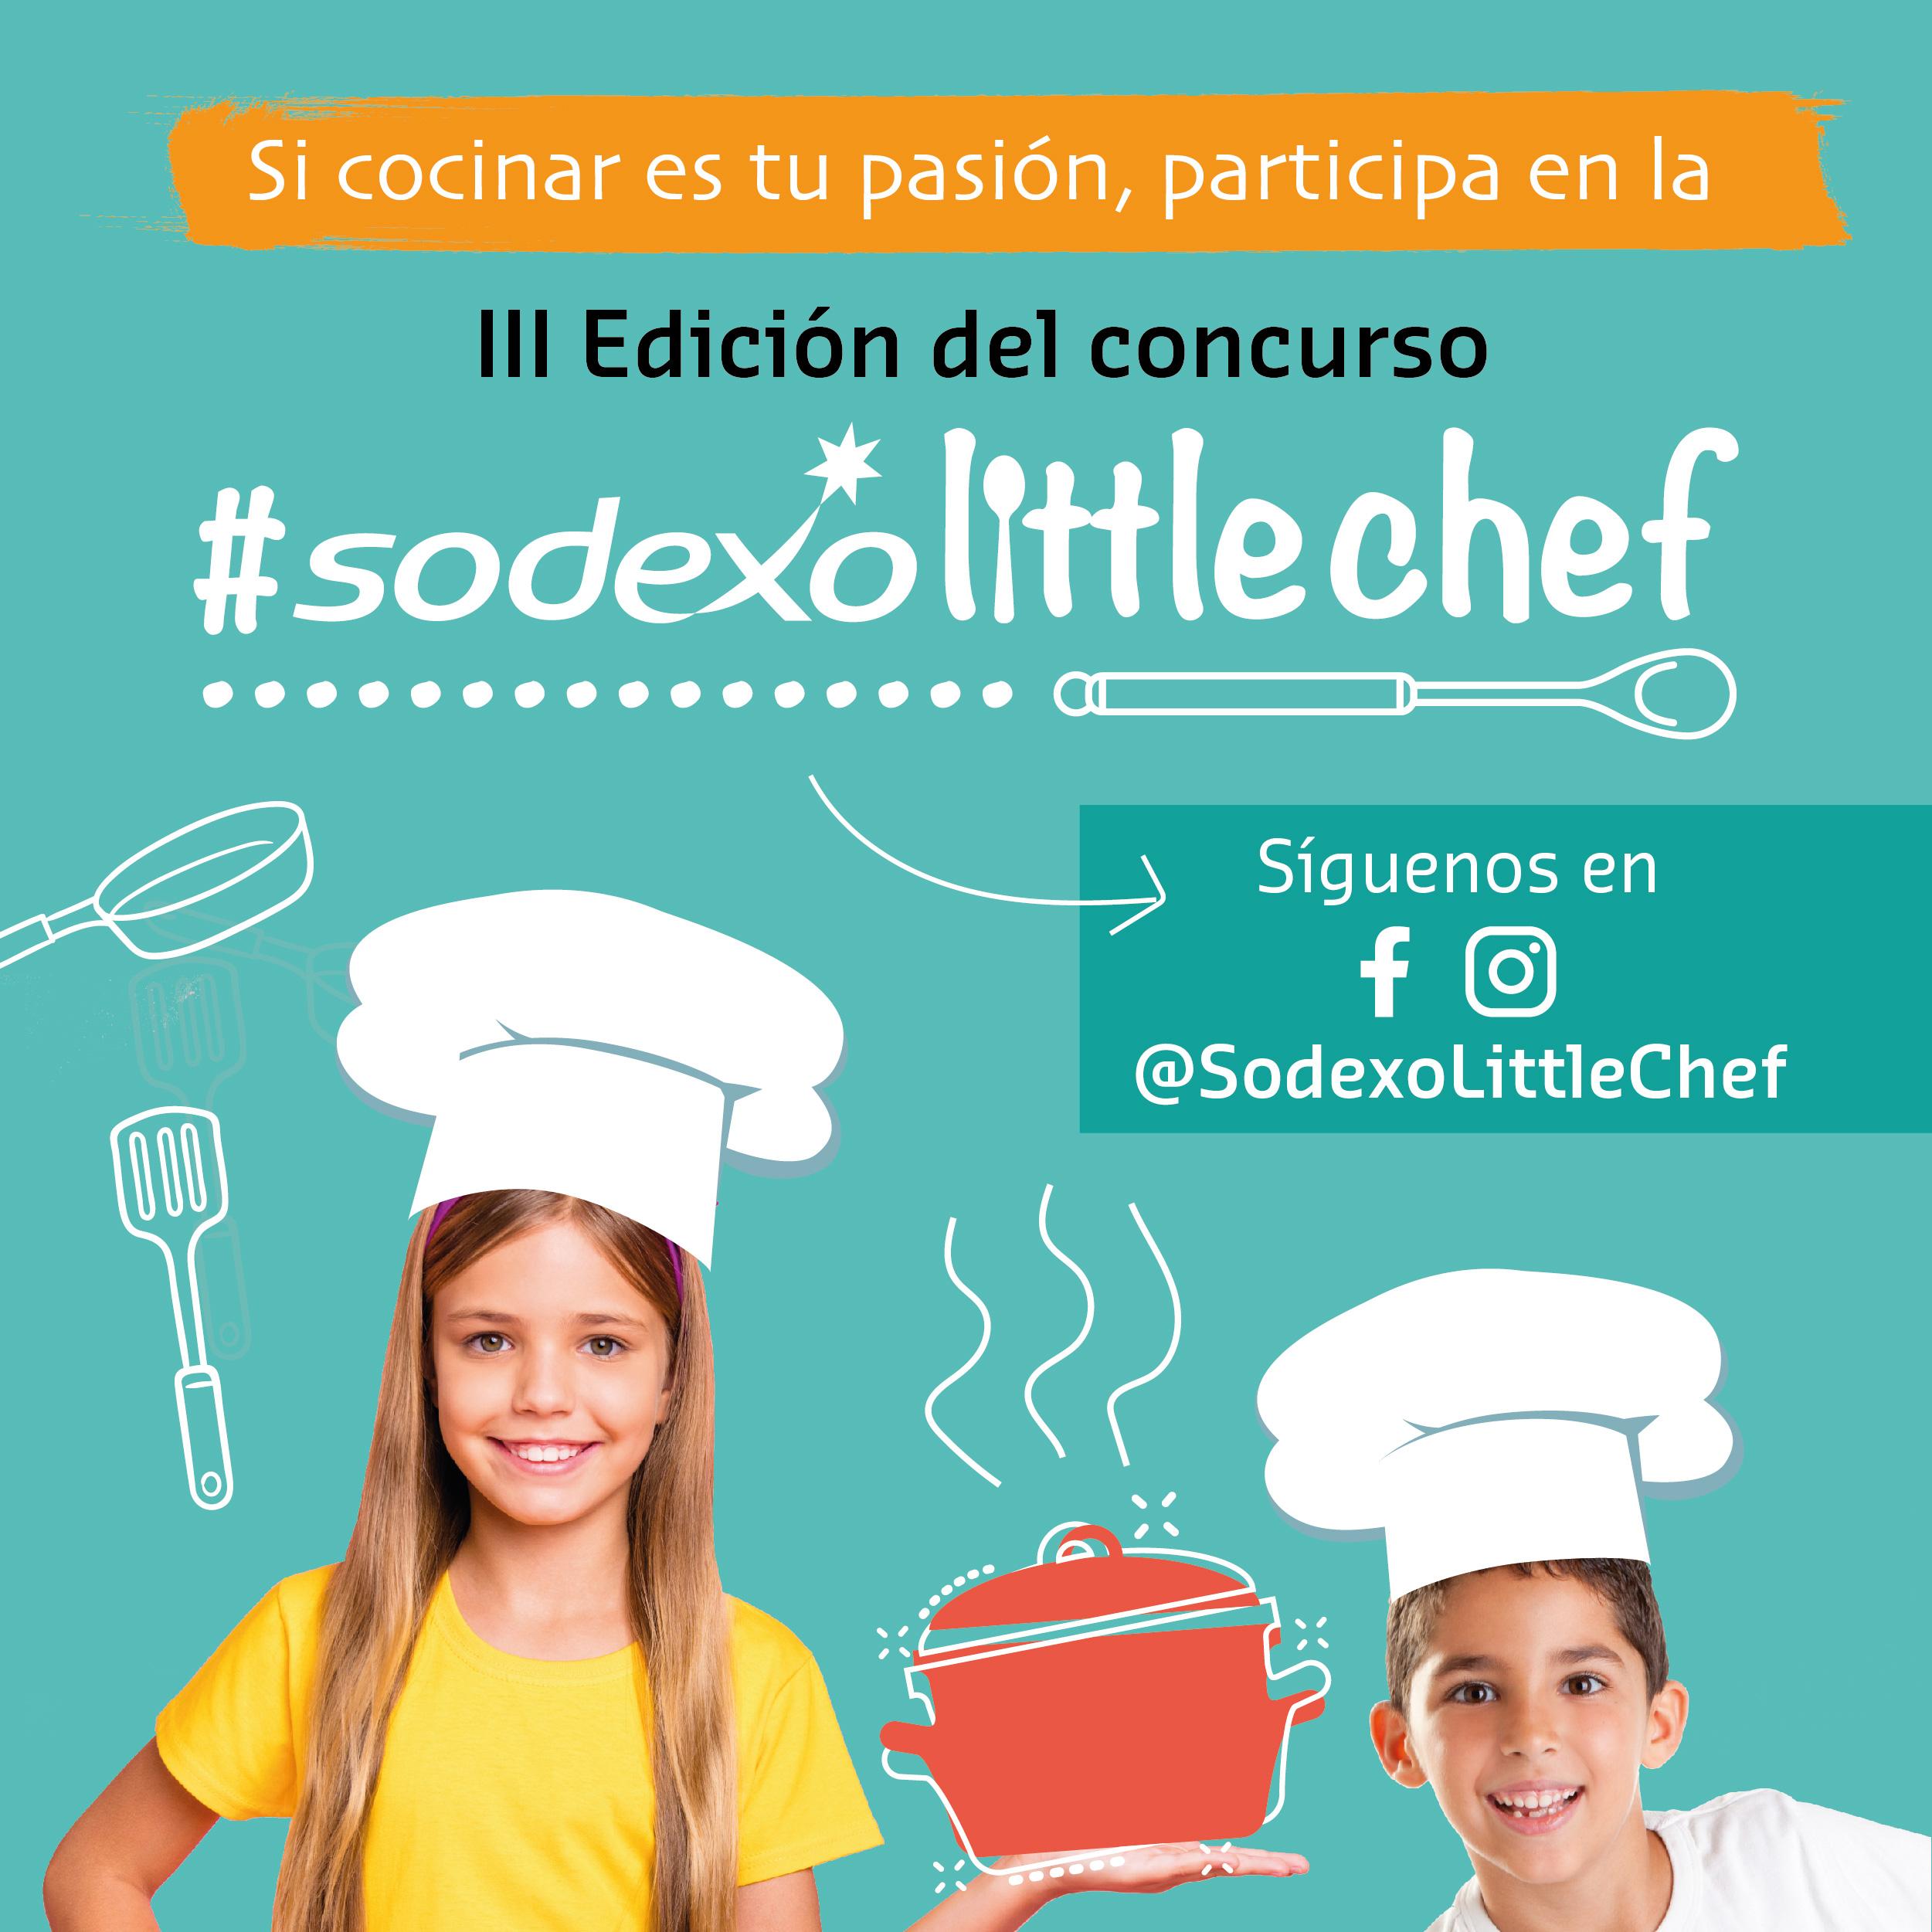 Concurso de receitas Little Chef para alumnado de Primaria